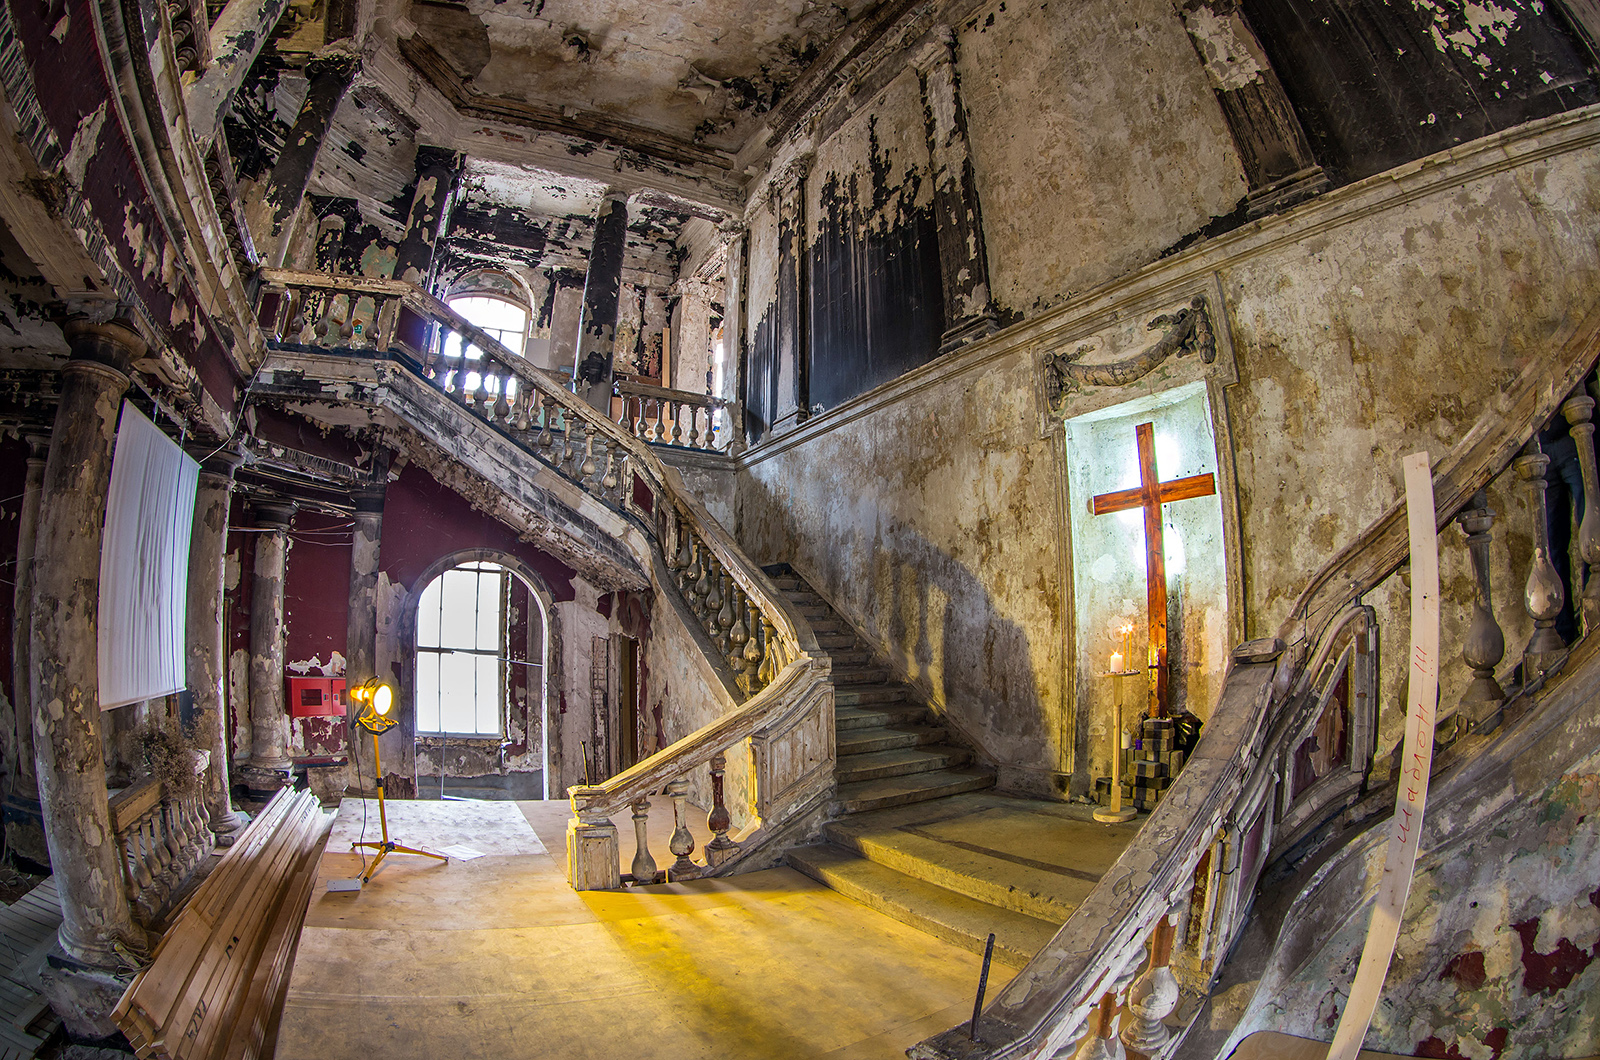 В центре Петербурга стоит полуразрушенная церковь. Почему это круто и что там происходит?